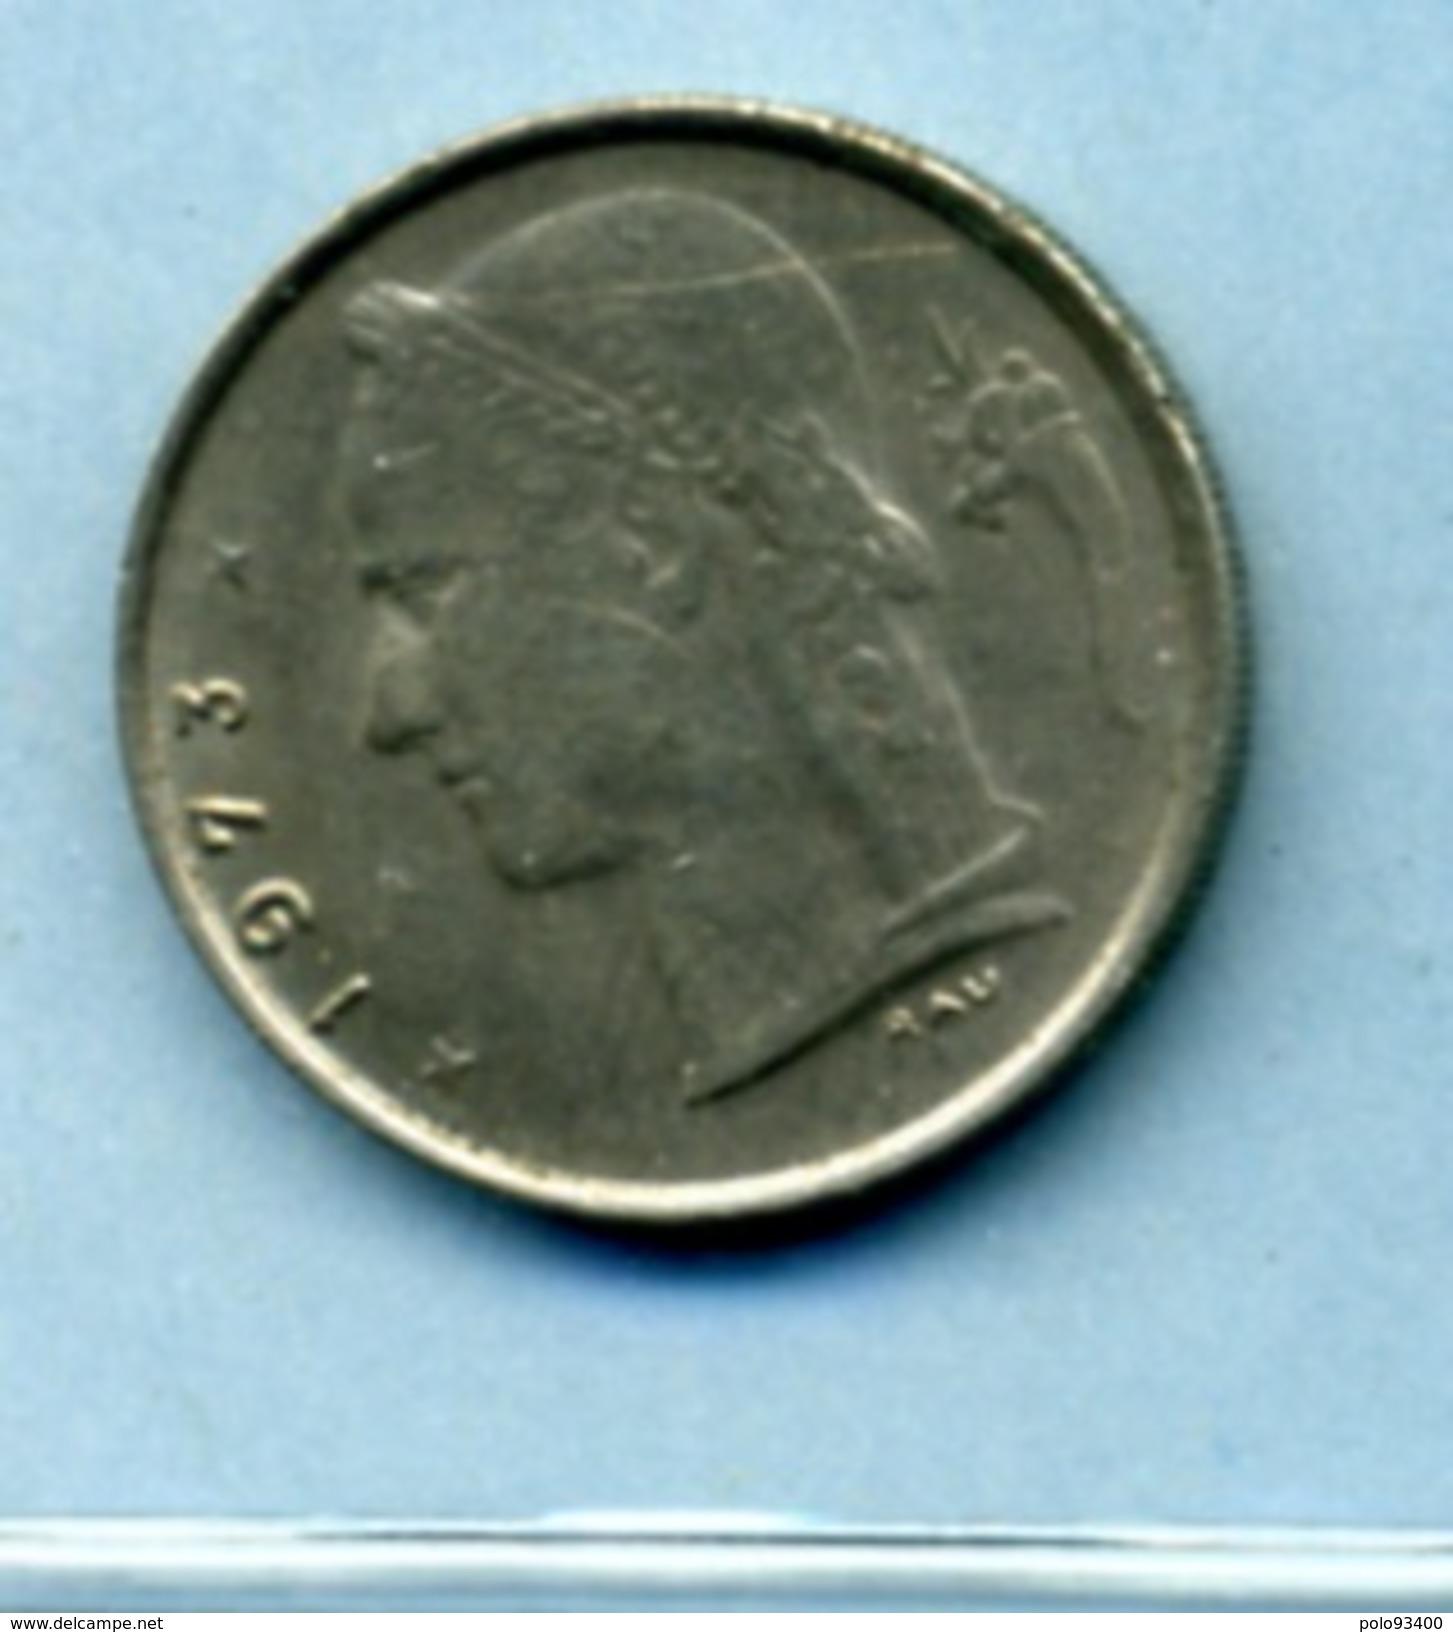 1973  1 FRANC BELGIQUE - 1934-1945: Leopold III